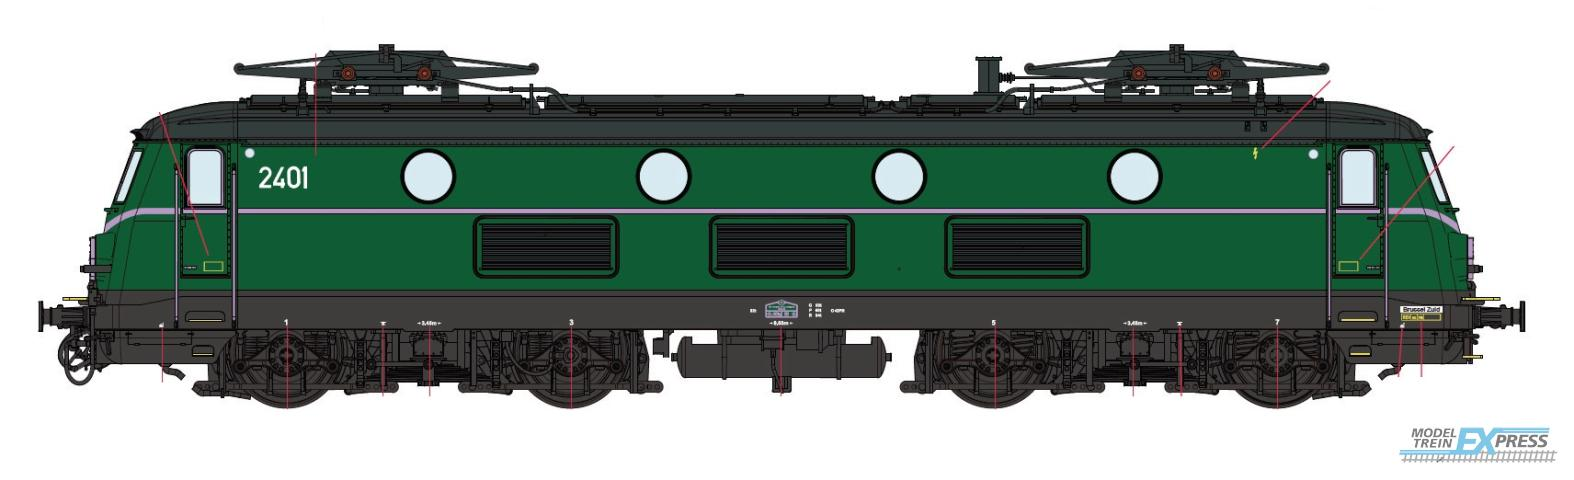 B-Models 3401.02